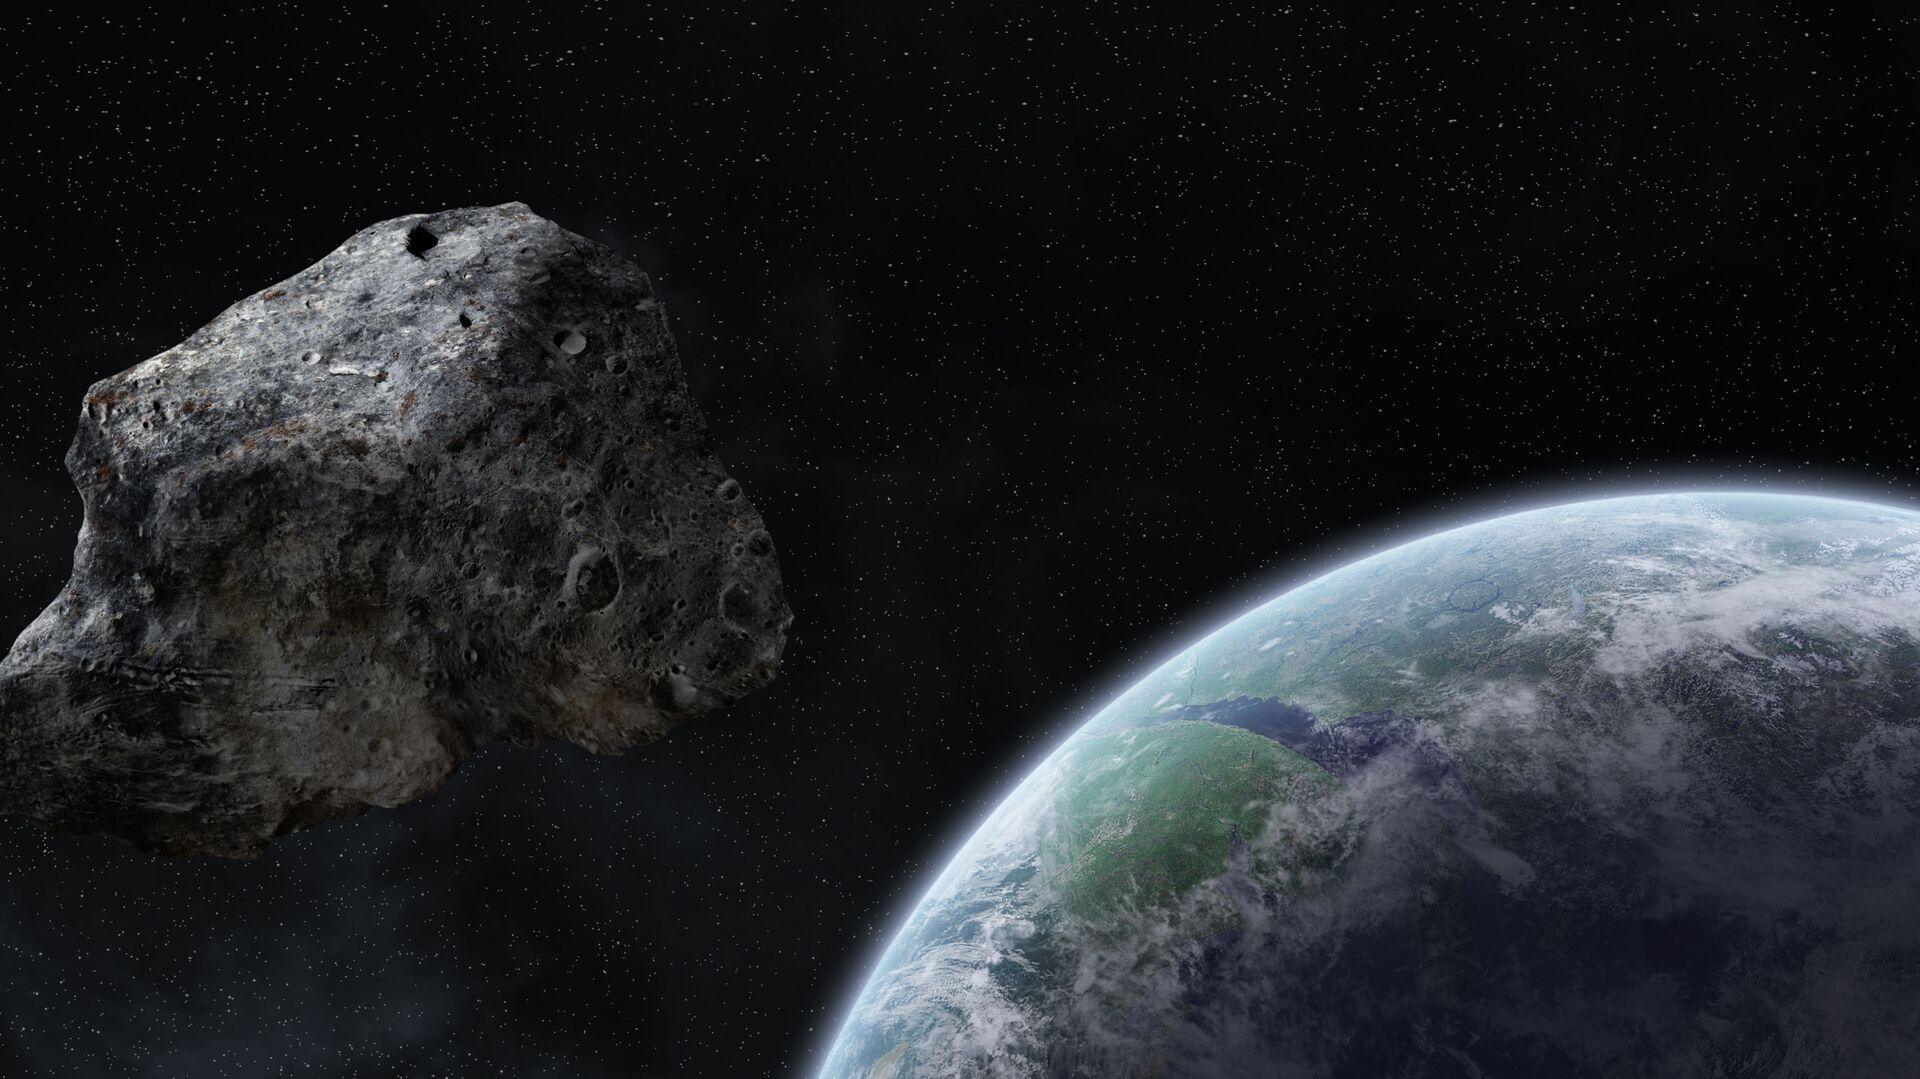 Terra sfiorata a distanza minima da record da un pericoloso asteroide - Sputnik Italia, 1920, 17.08.2021